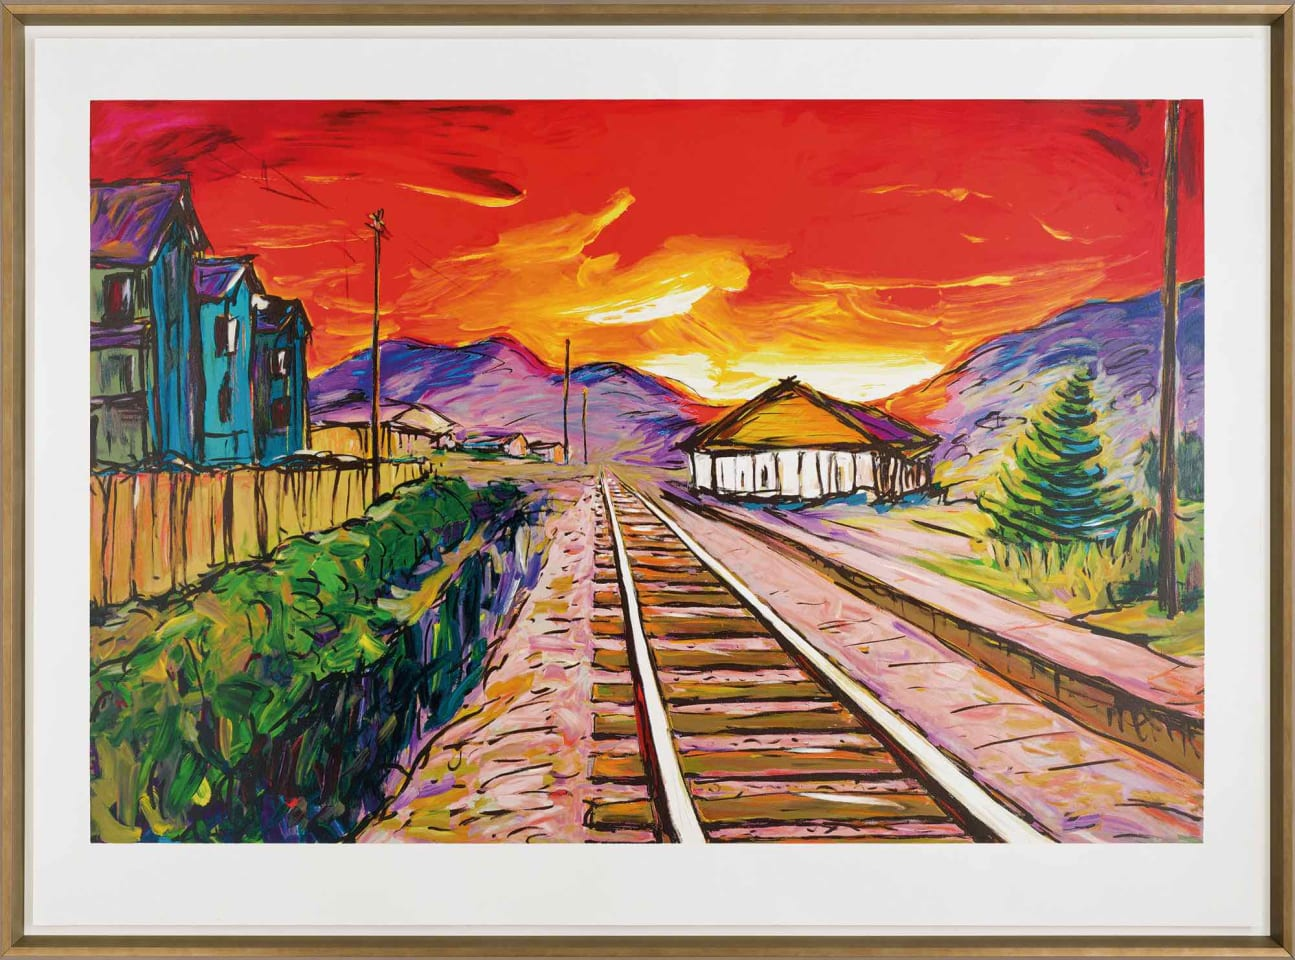 Bob Dylan, Train Tracks (silkscreen), 2019